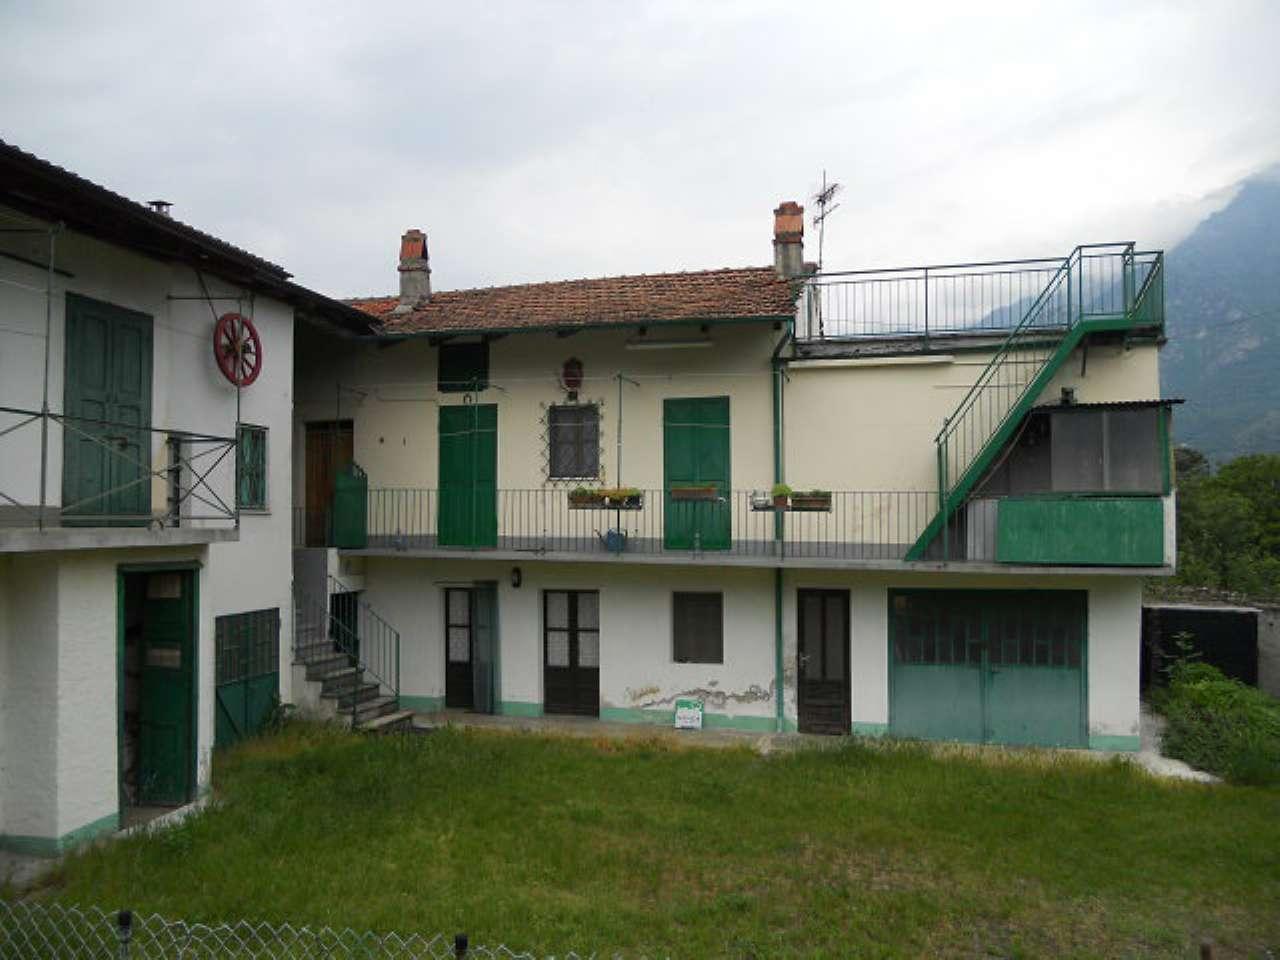 Bussoleno Vendita CASALE / RUSTICO / CASA / CASCINA Immagine 3